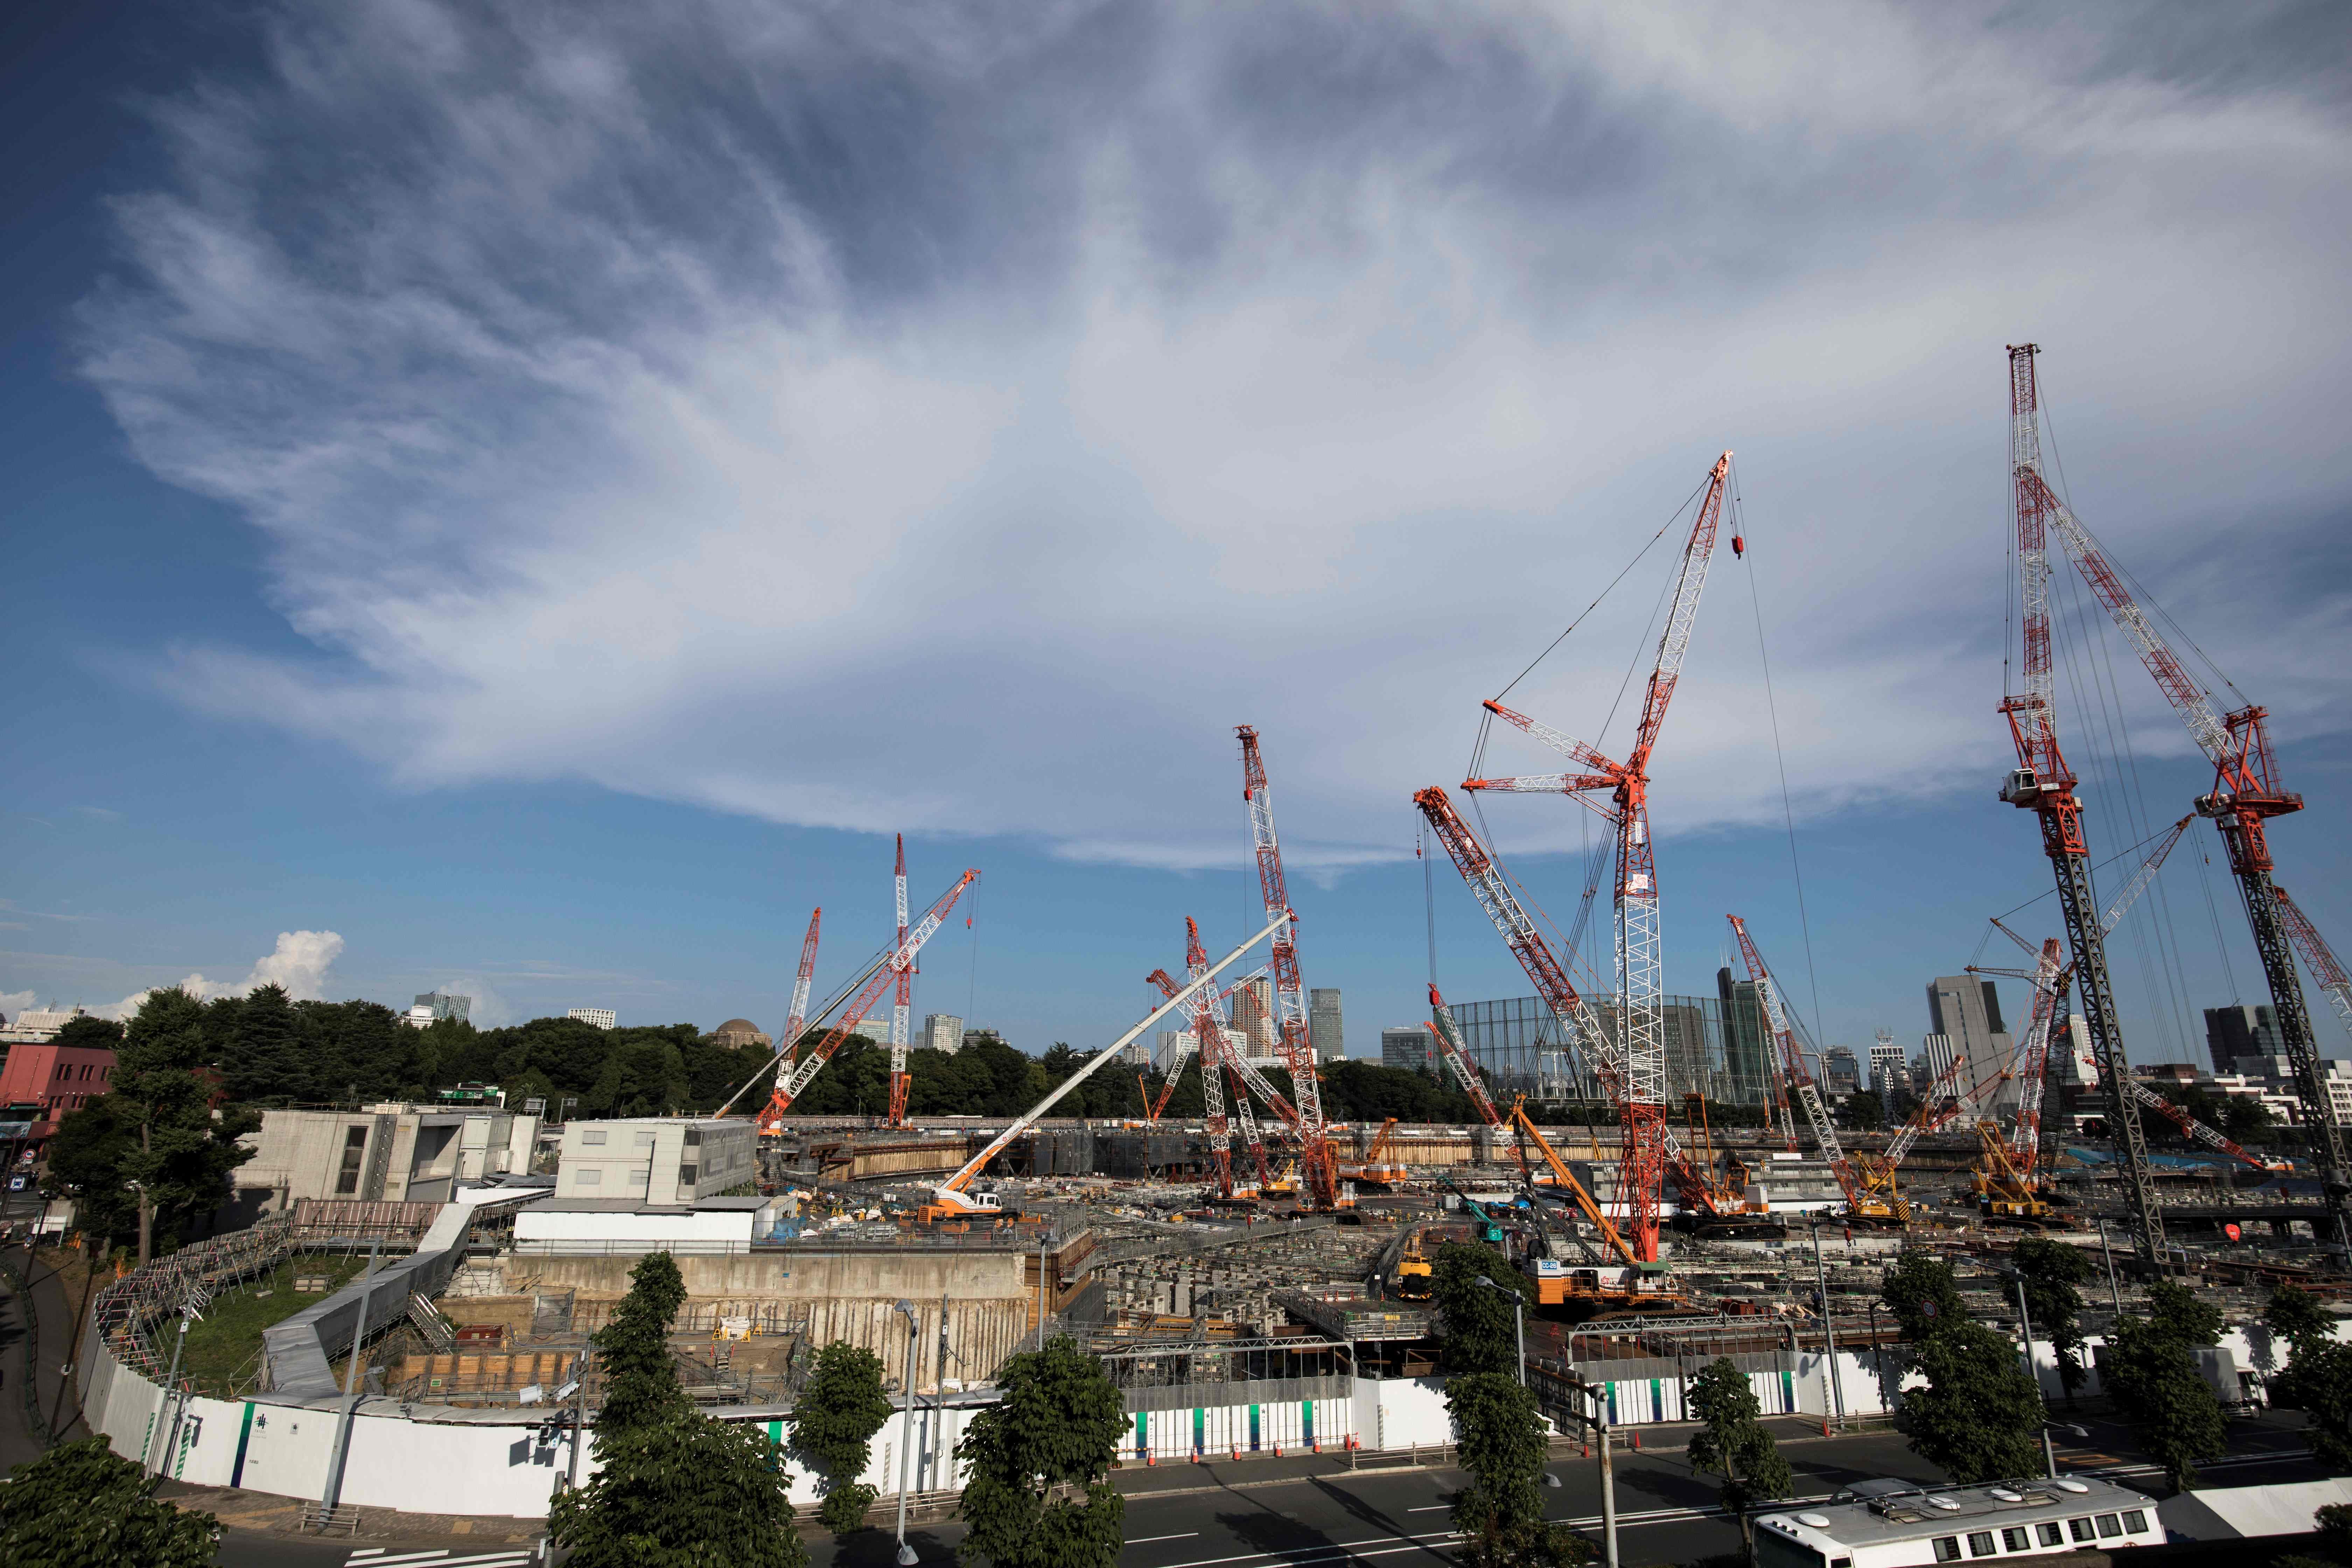 Jeux olympiques - Tokyo 2020 : des infrastructures renforcées pour prévenir les séismes